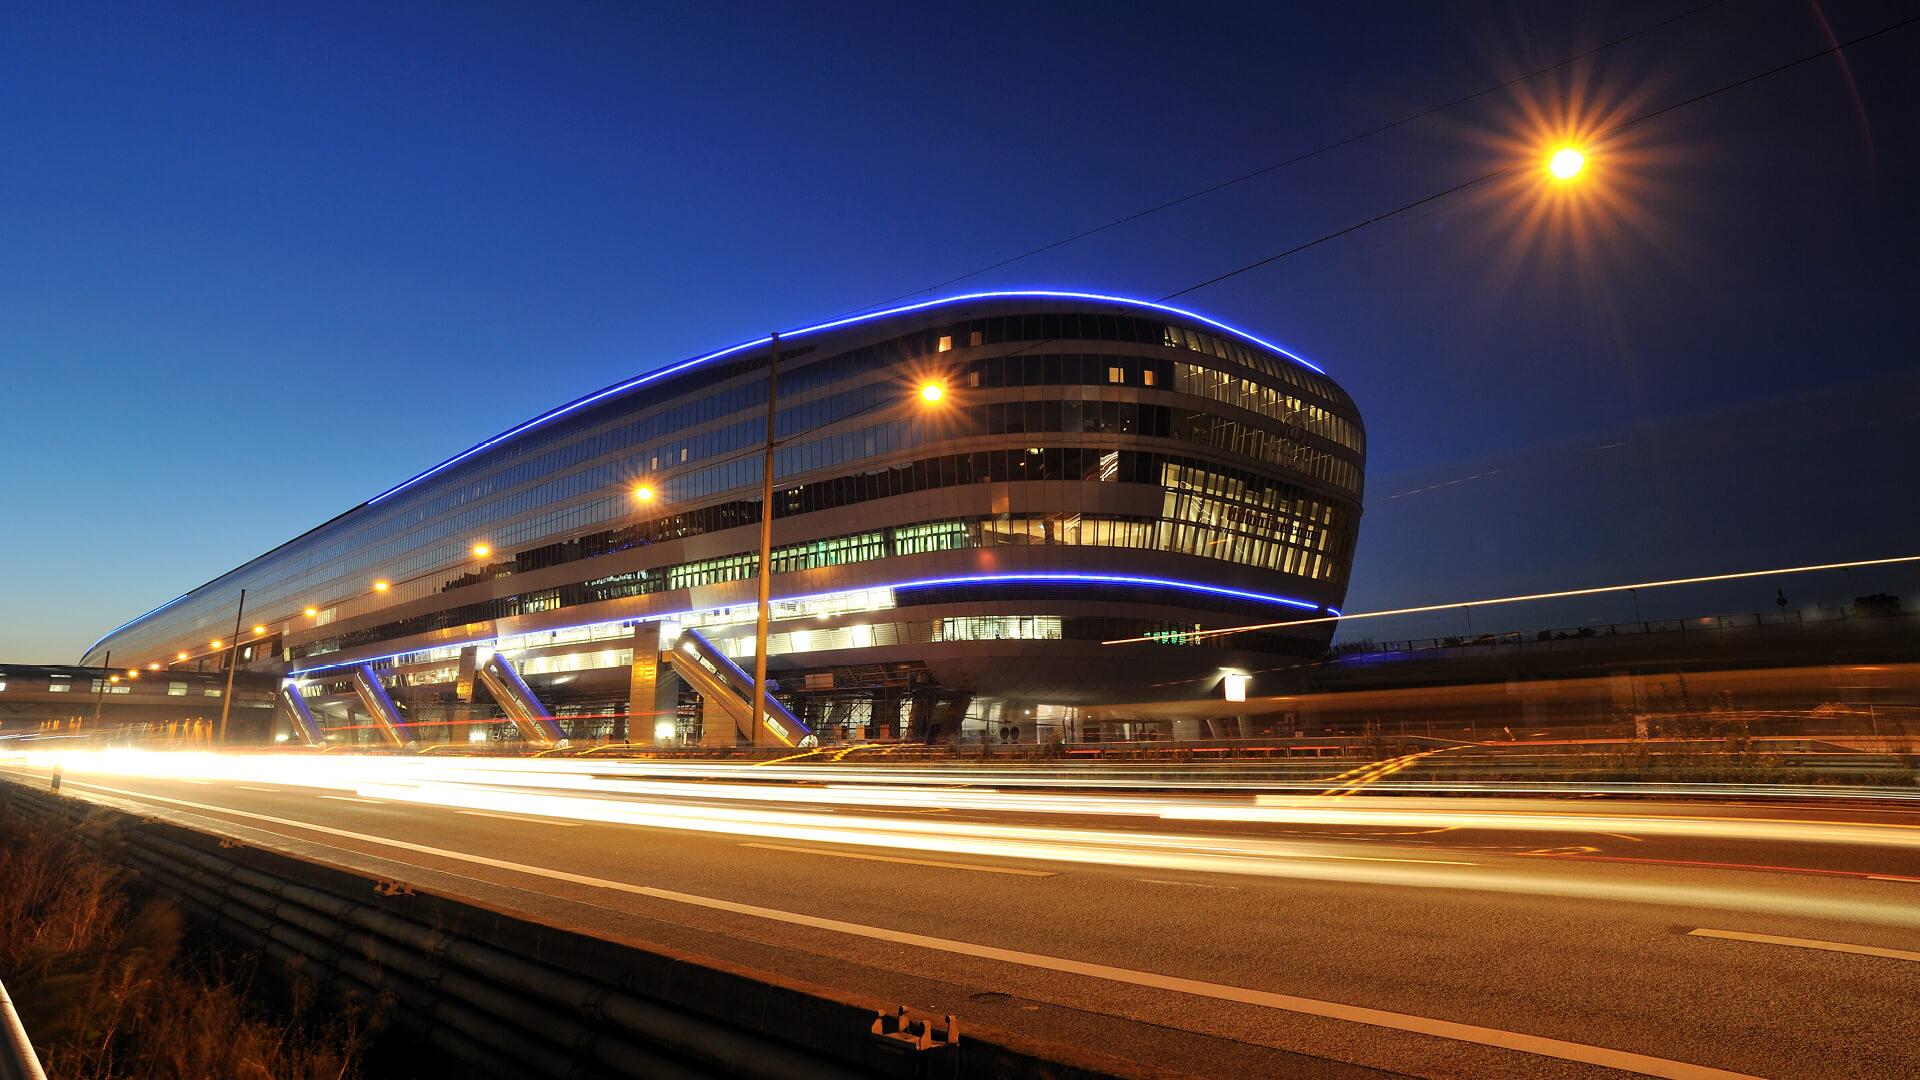 Enerqos settore infrastrutture di trasporto